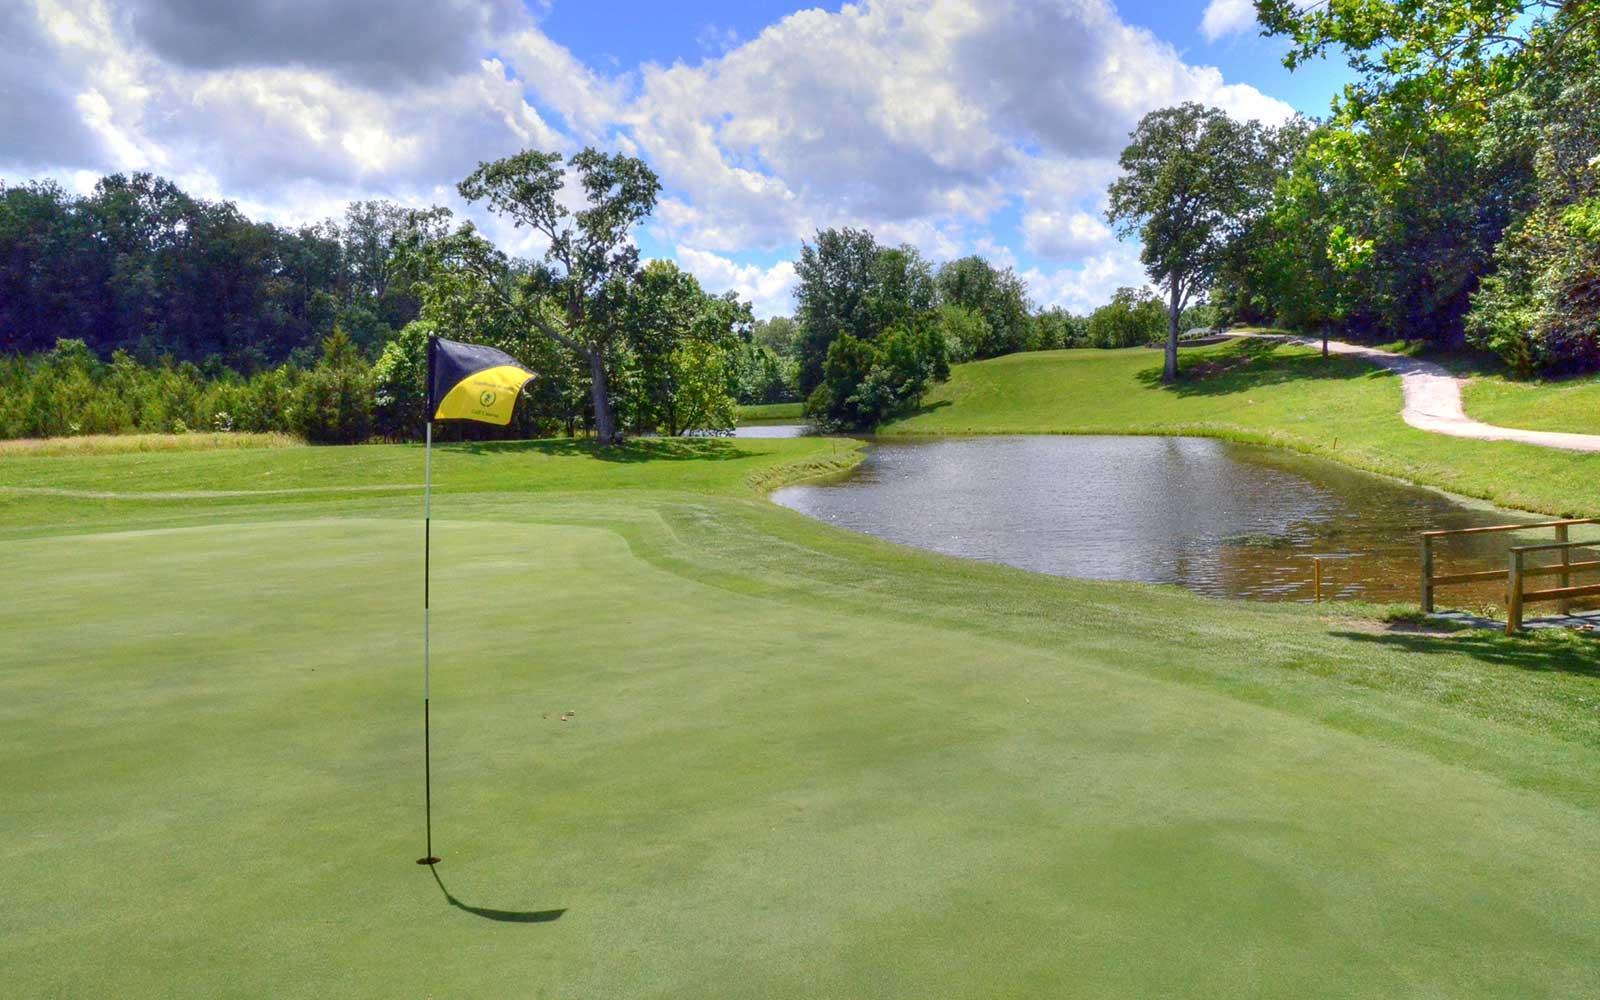 Innsbrook-Golf-Resort,-Innsbrook,-MO-Green